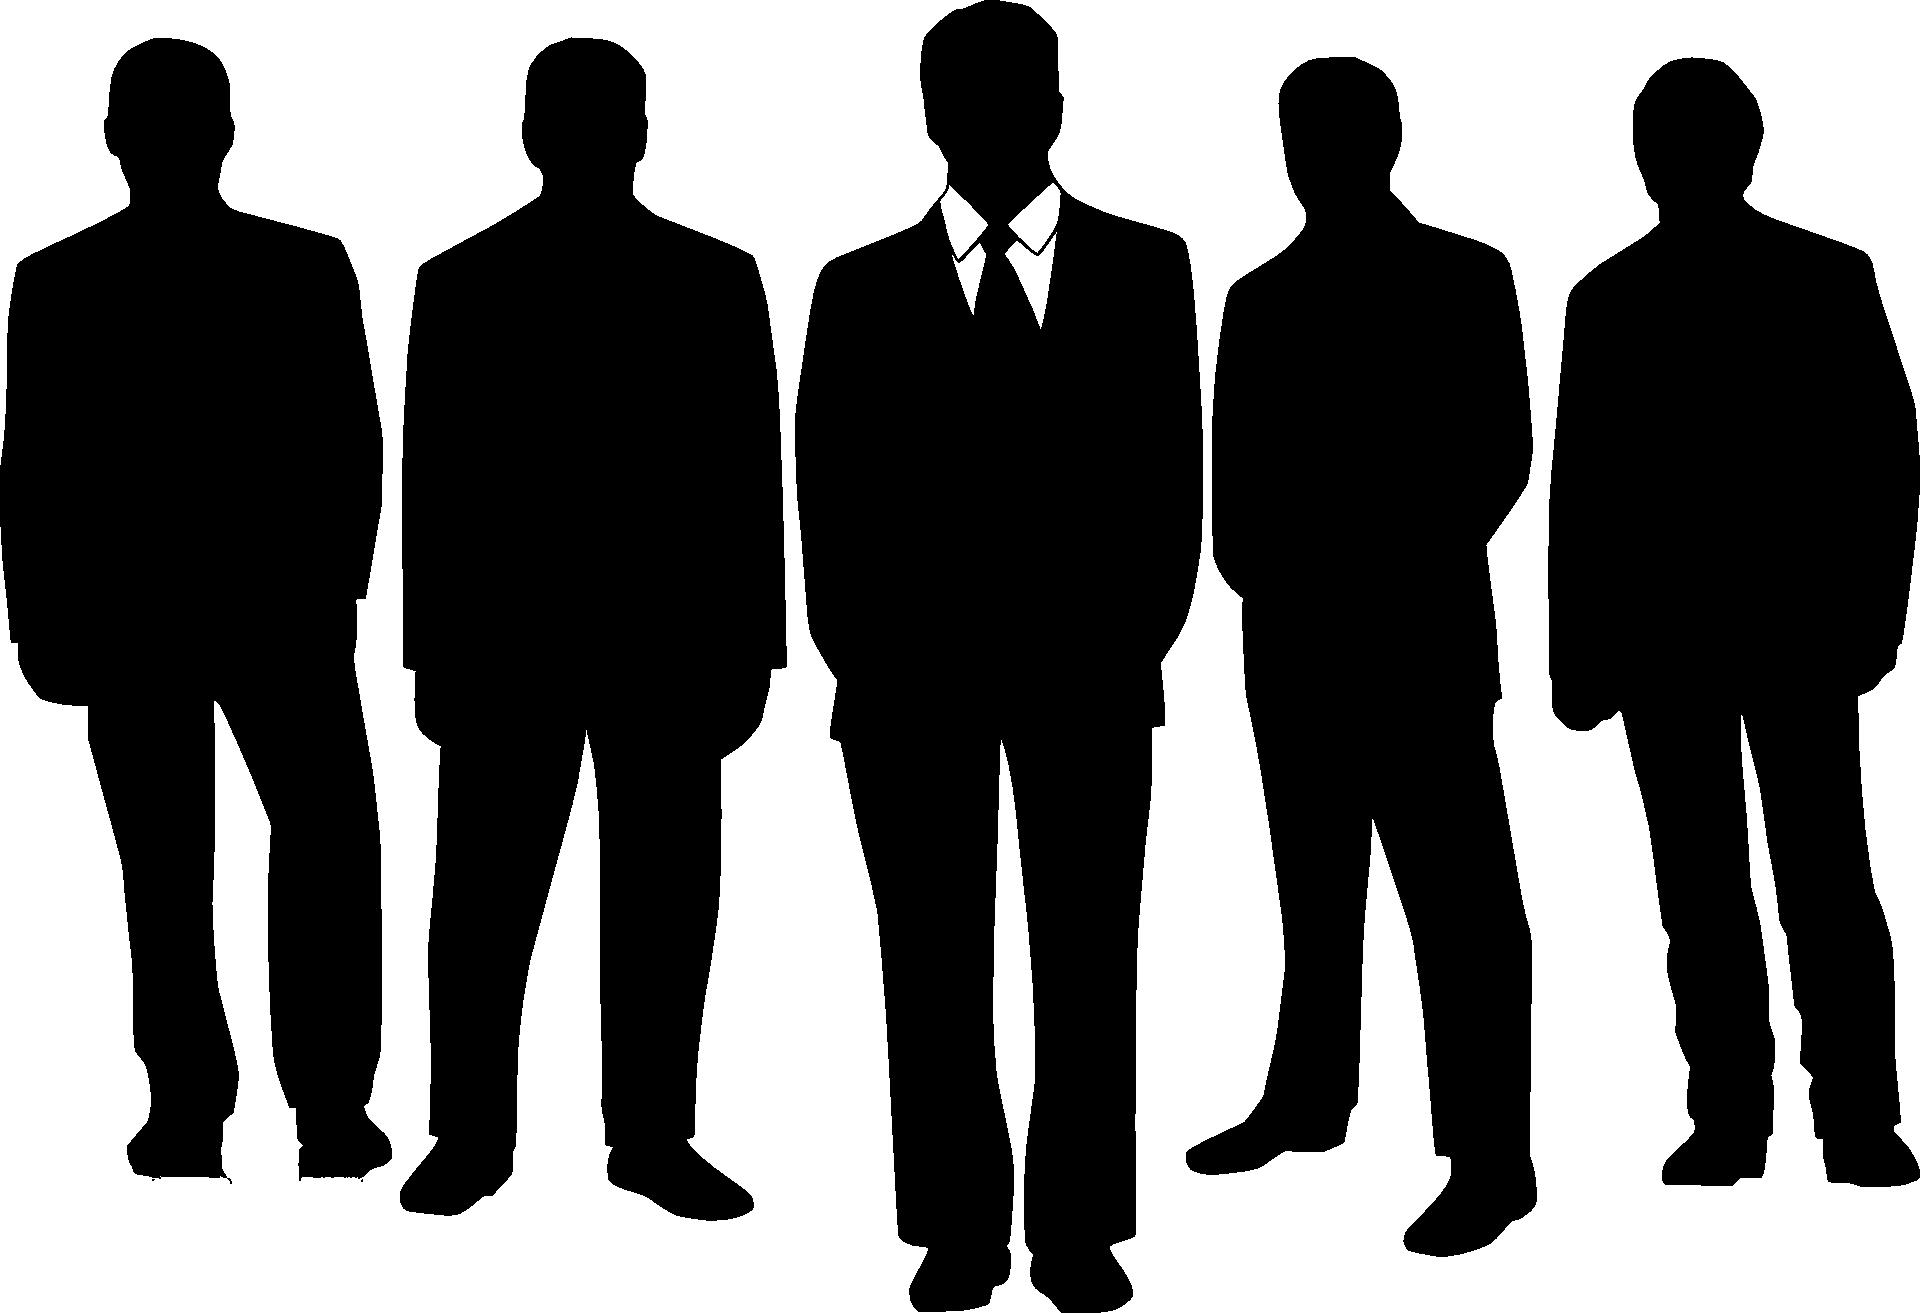 6ir6x844t